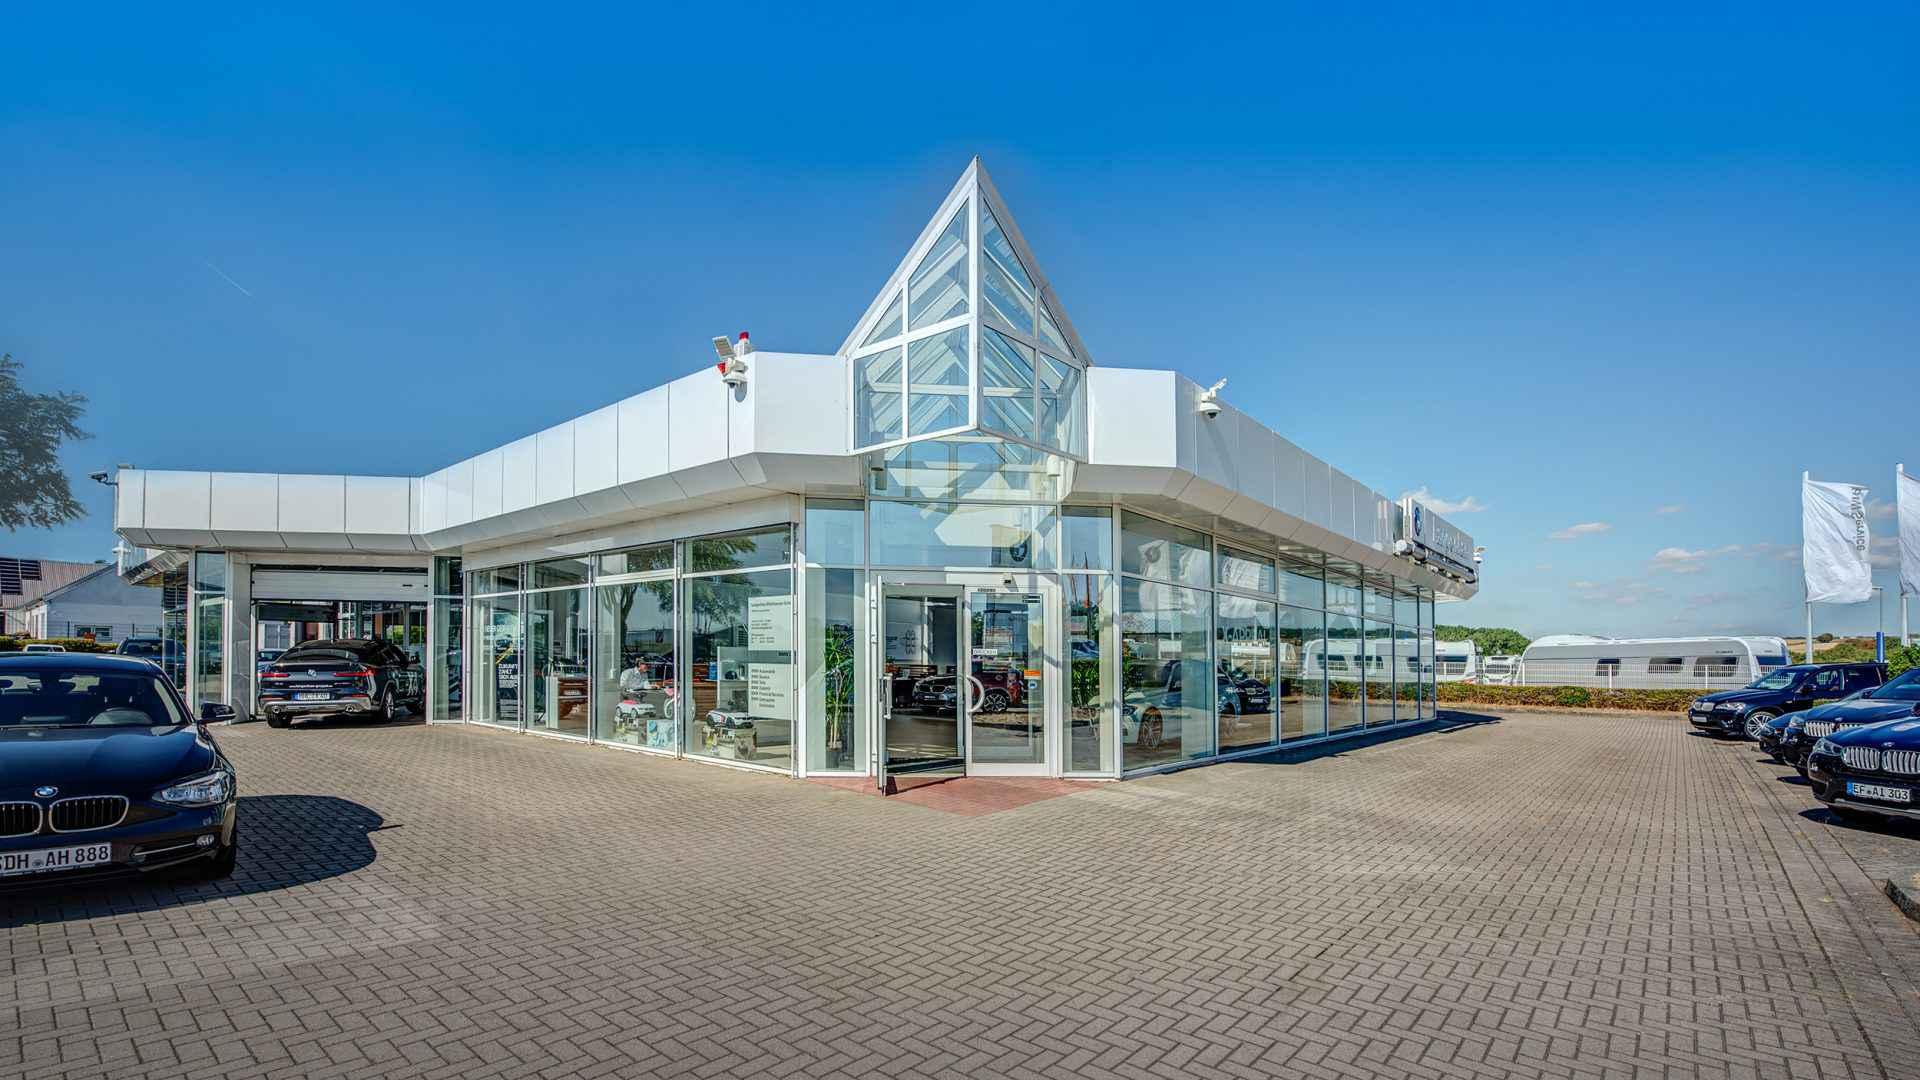 BMW Autohaus Mühlhausen, Kontakt Übersicht, Kontakt, Übersicht, Langenhan Gruppe, Autohaus Langenhan GmbH